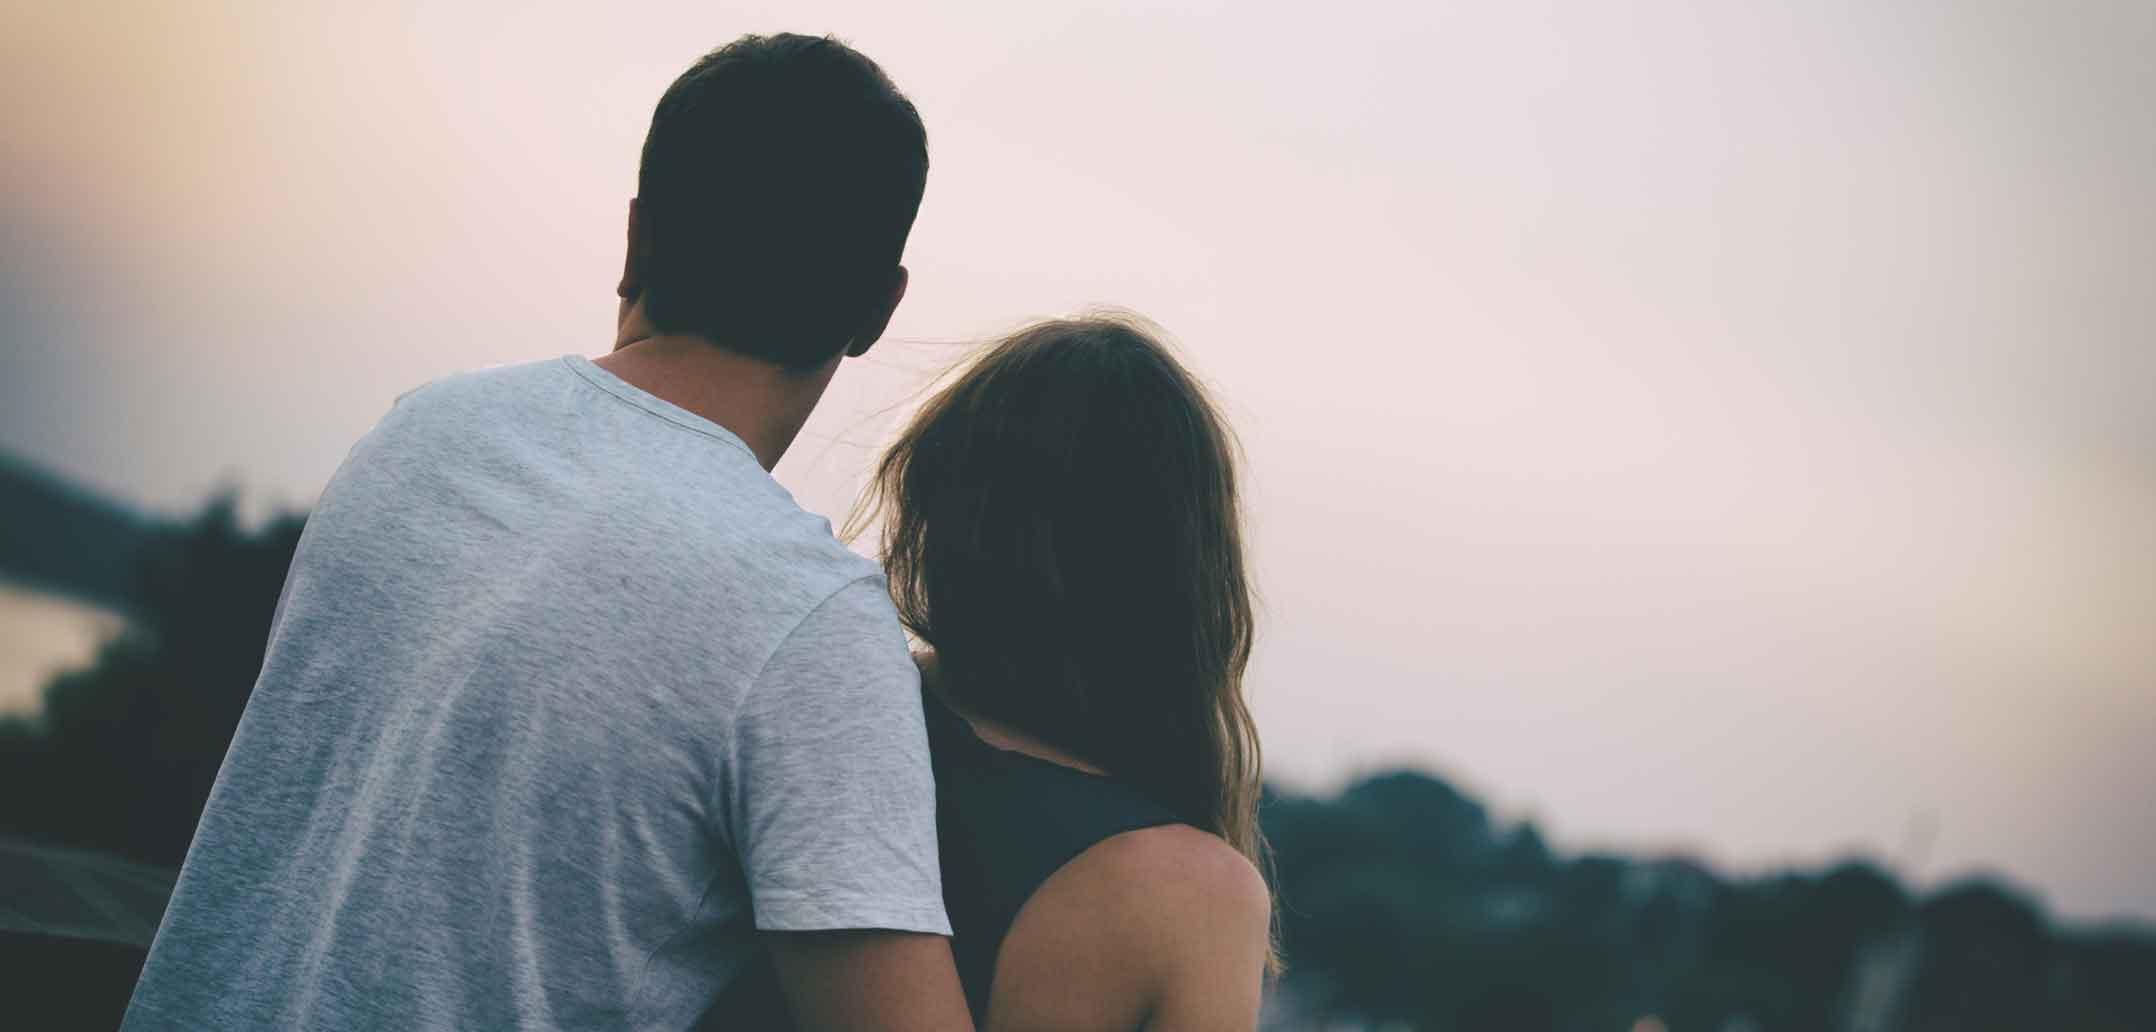 Liebe bedeutet bleiben